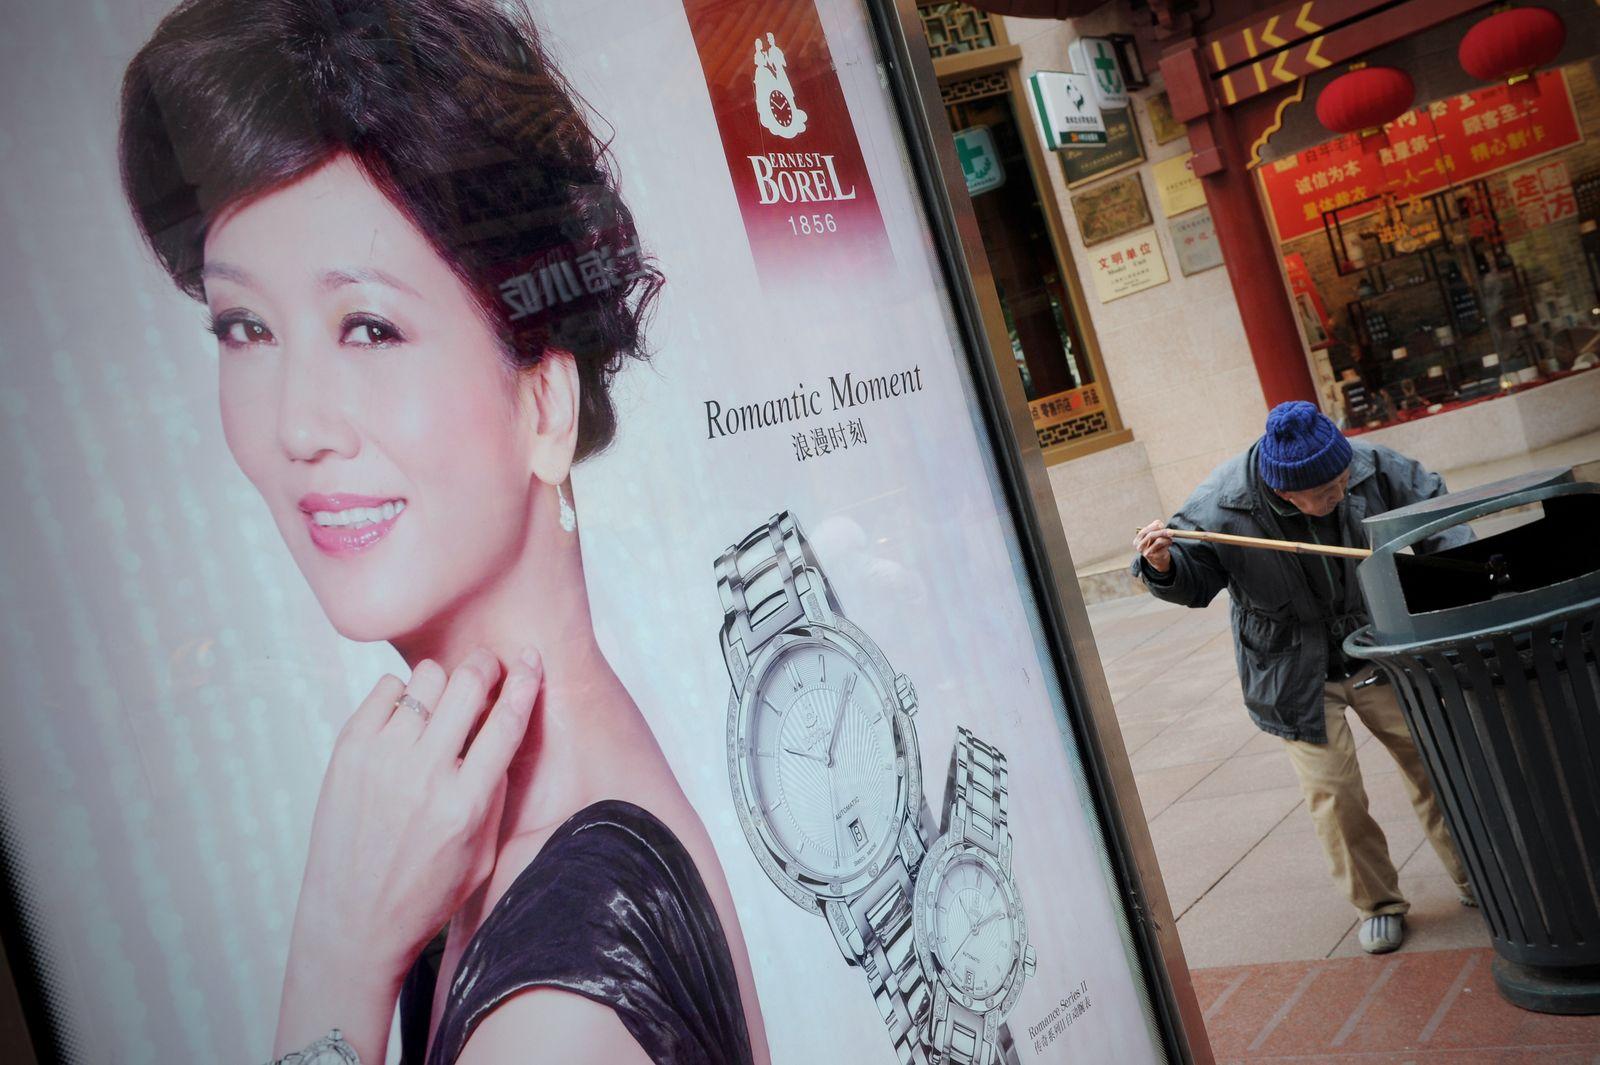 China Wirtschaft / Anfall / Luxuswerbung Plakat / Schmuck / Arm und Reich